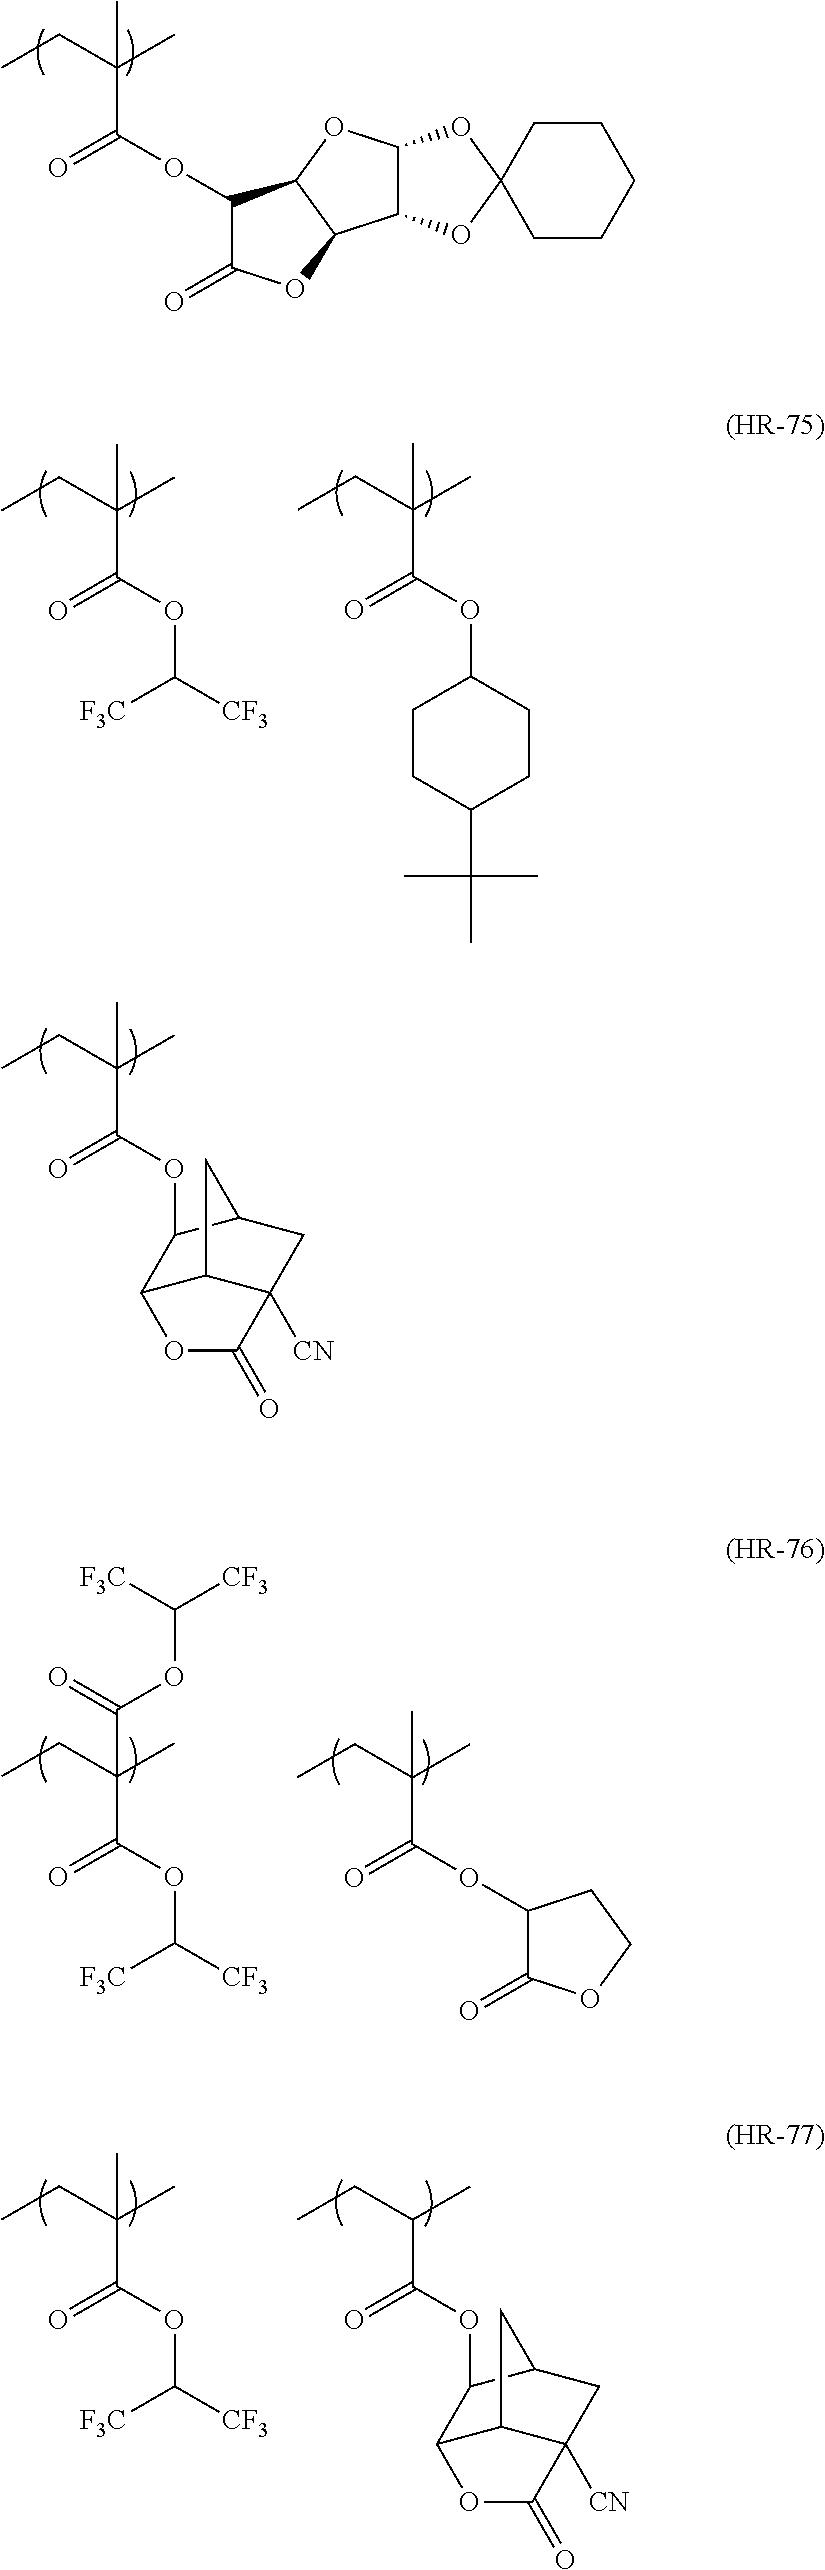 Figure US20110183258A1-20110728-C00127